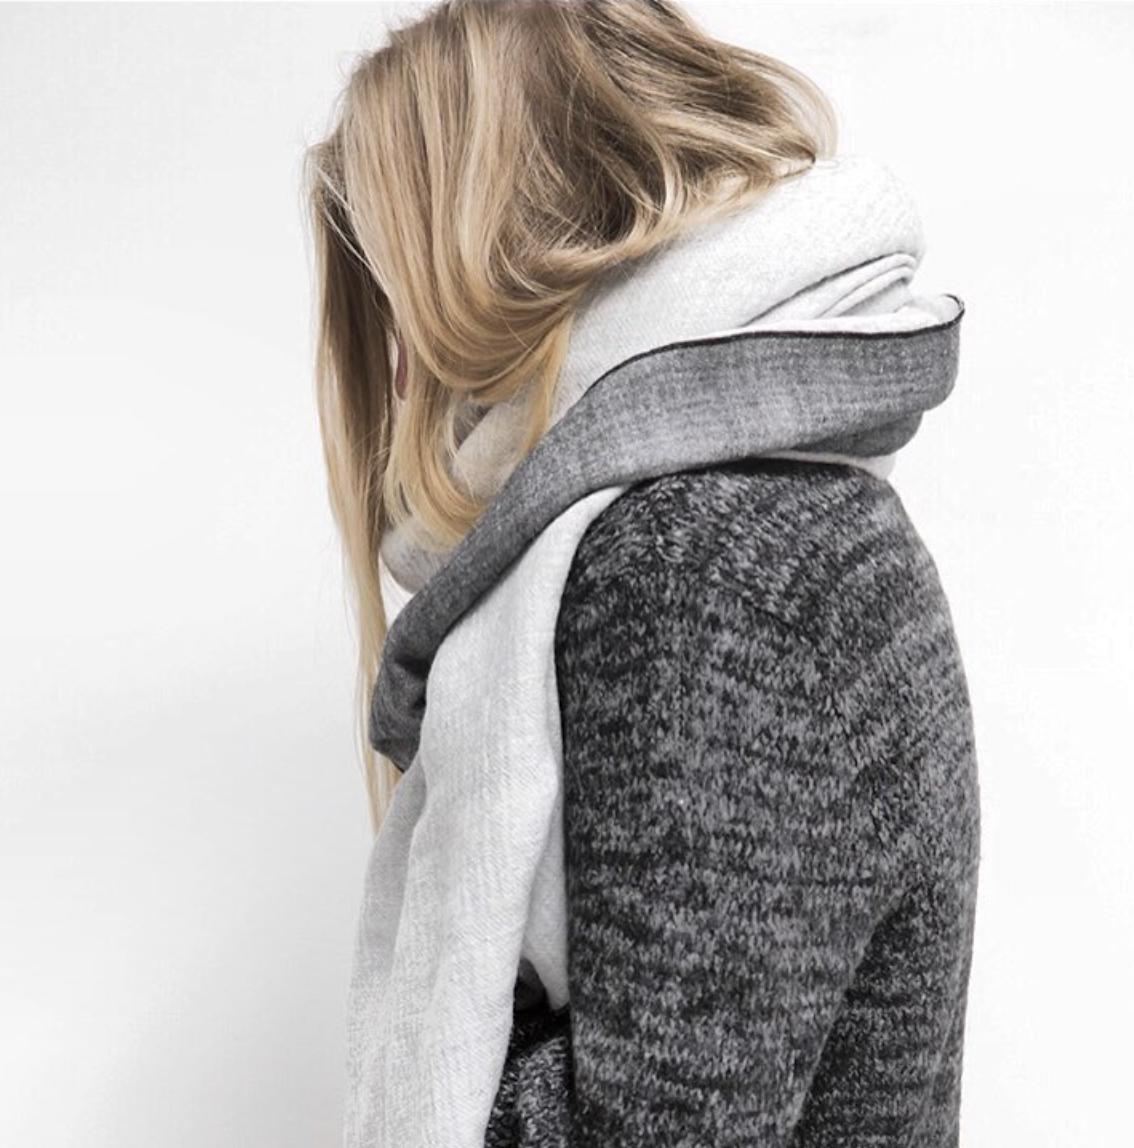 Confort et Bien-être - L'esprit Hygge dans l'univers scandinave décoratif se ressent également avec la mode.